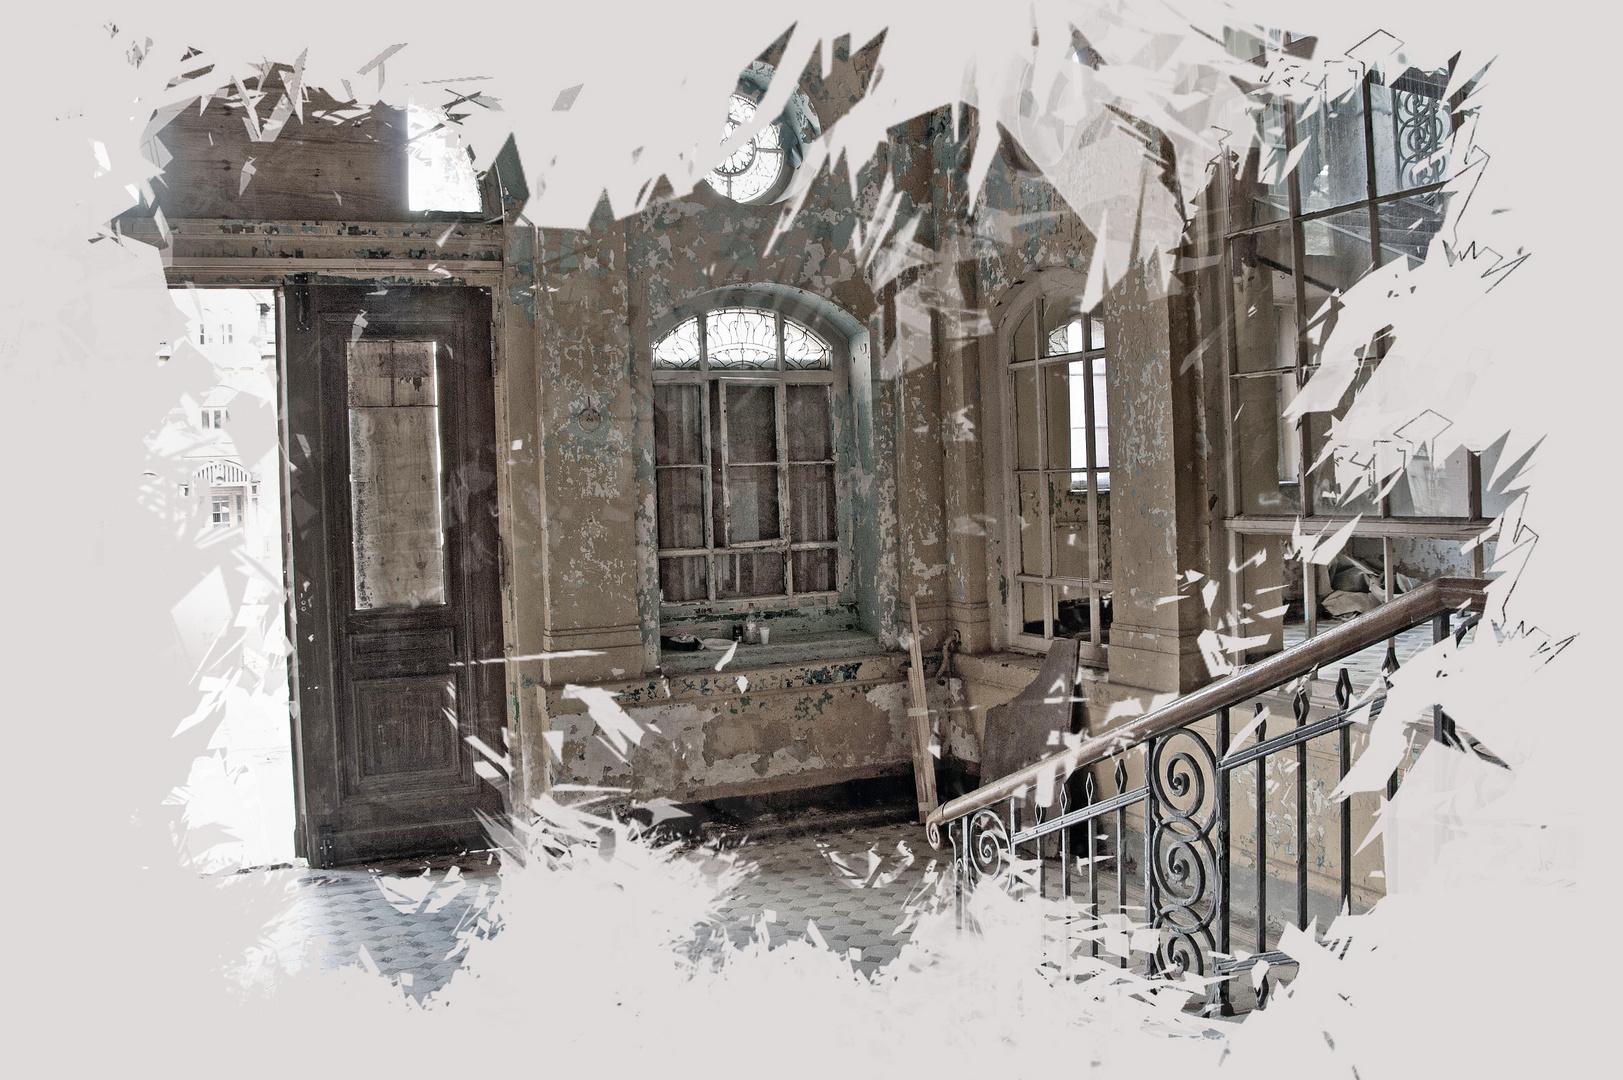 Portal in Beelitz Heilstätten Black and White